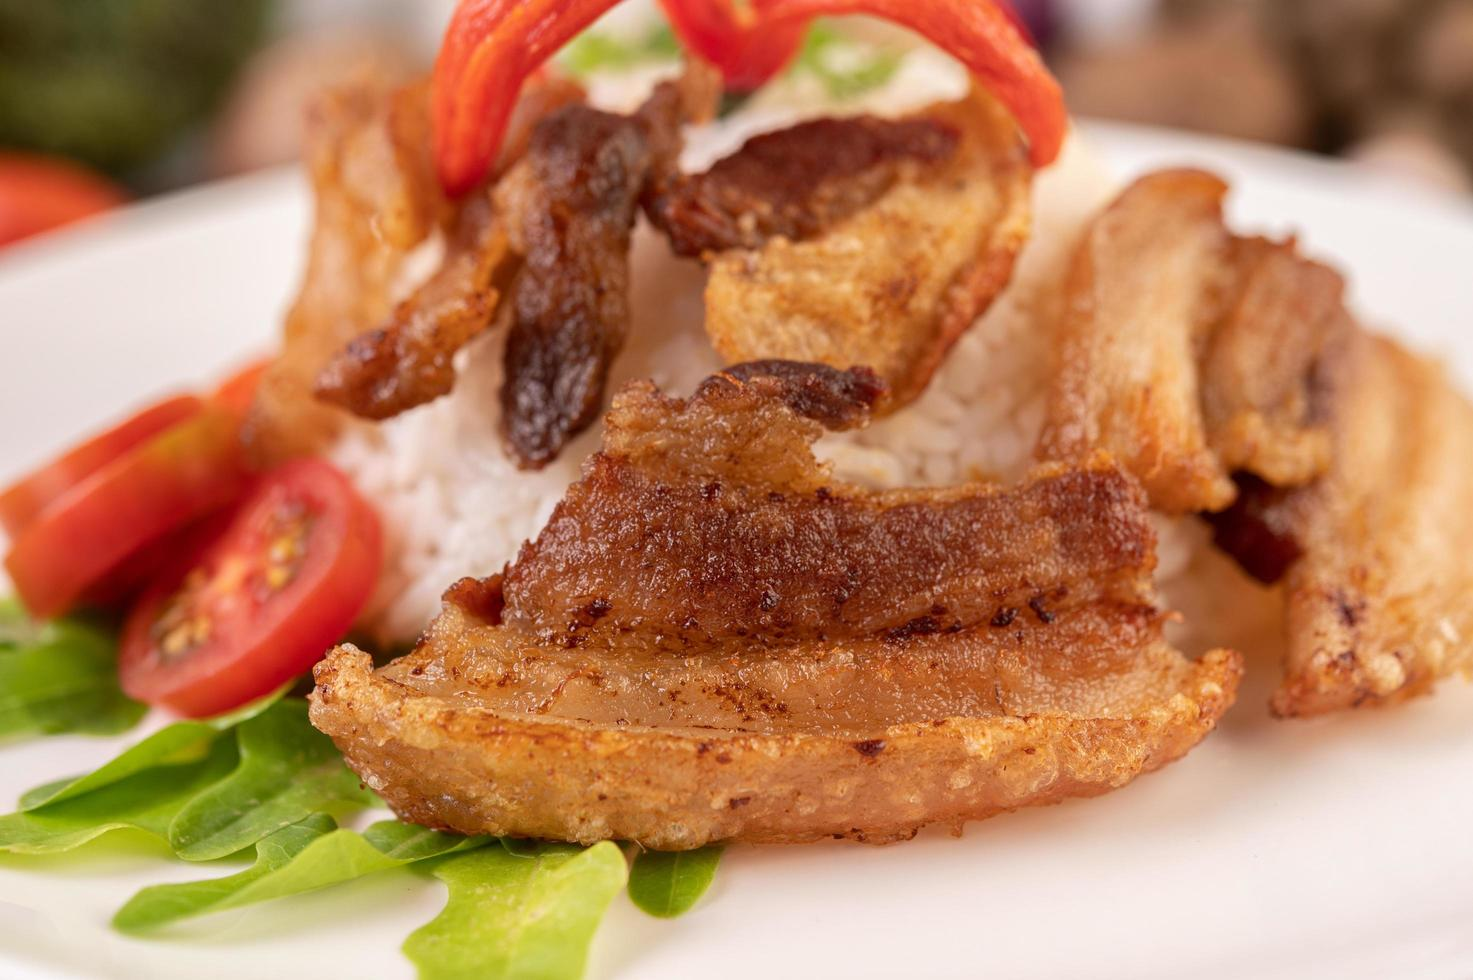 barriga de porco no arroz com legumes foto